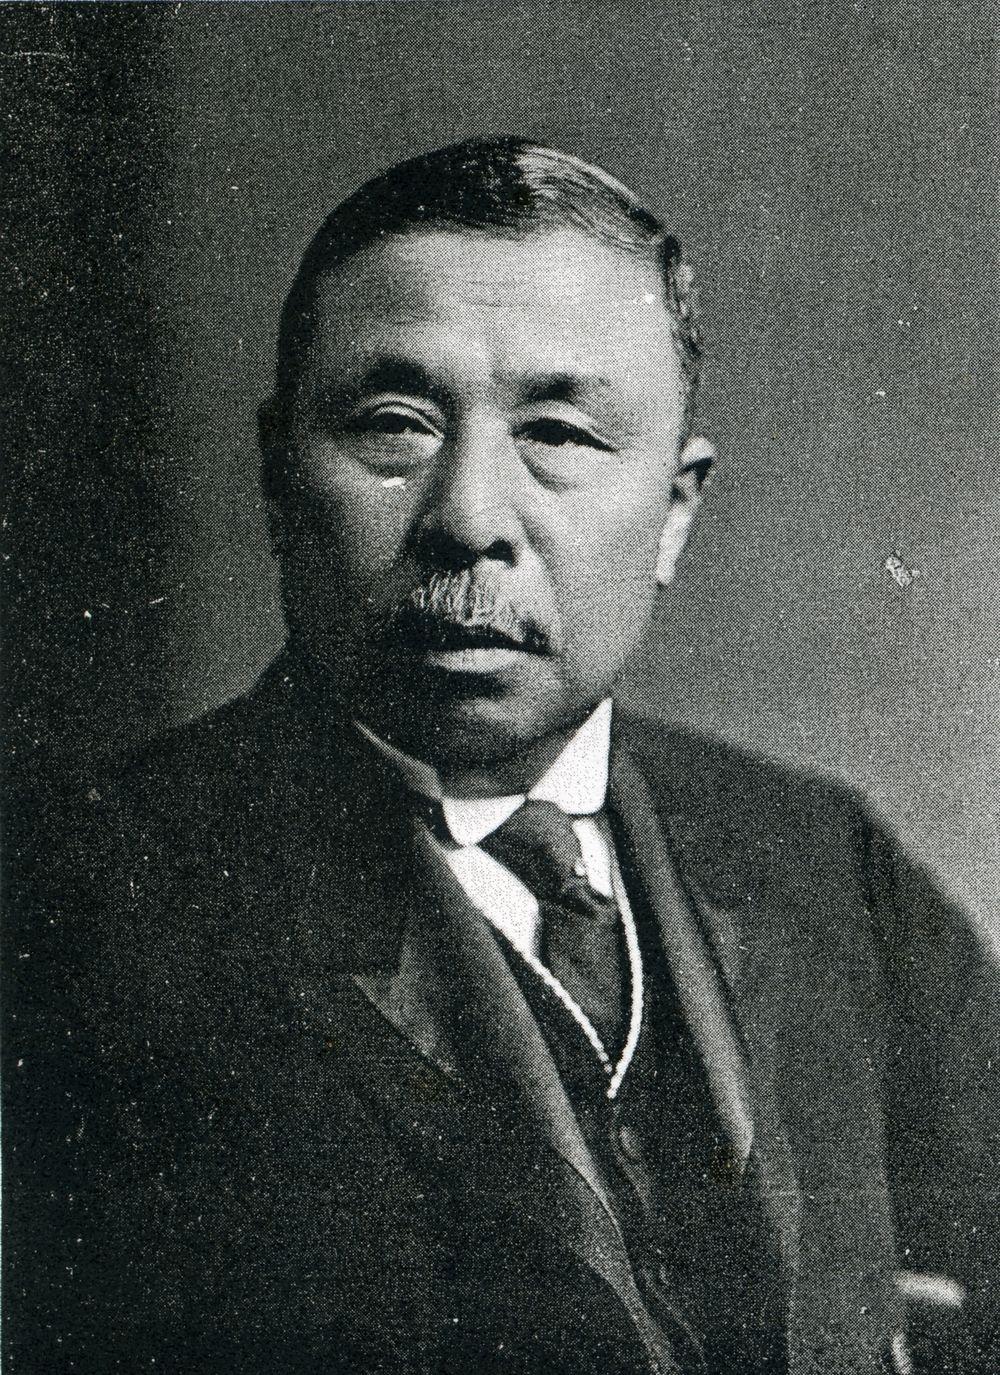 Matajiro_koizumi.jpg